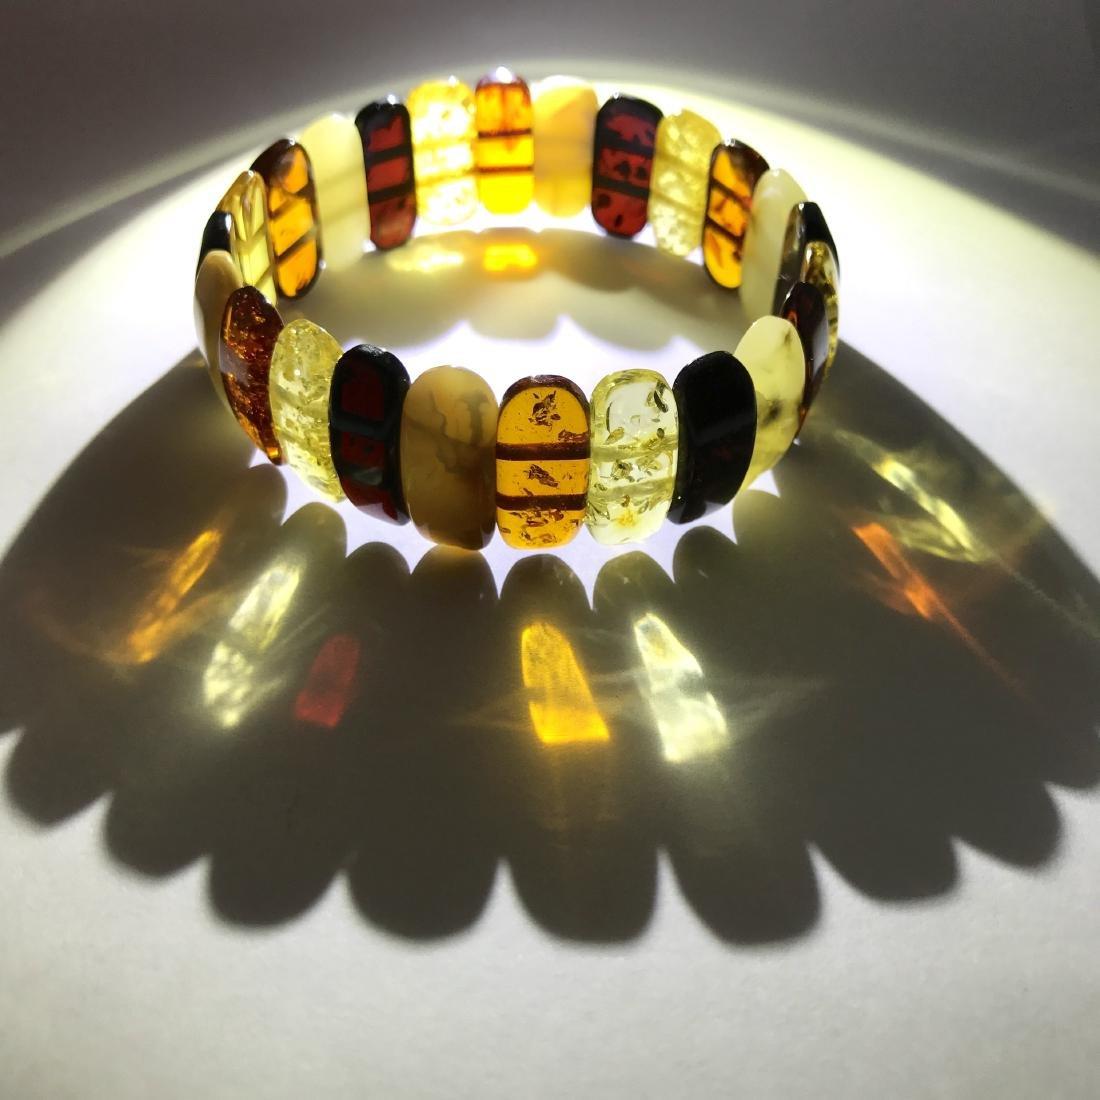 Vintage cut Baltic amber cabochons bracelet 15.1 gr - 4